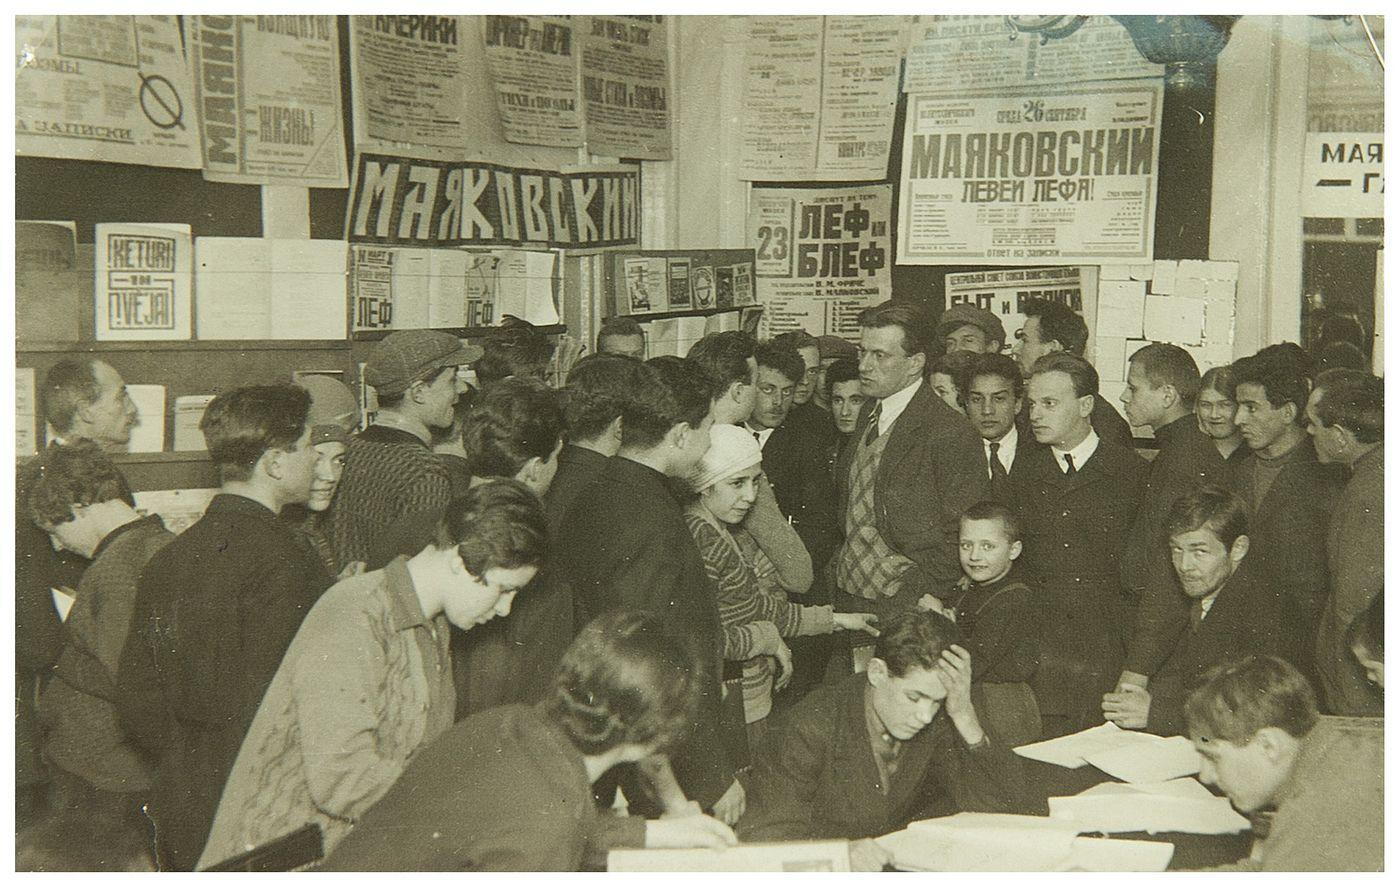 Vladimir Maïakovski comme le dit l'affiche «est plus à gauche que LEF» !